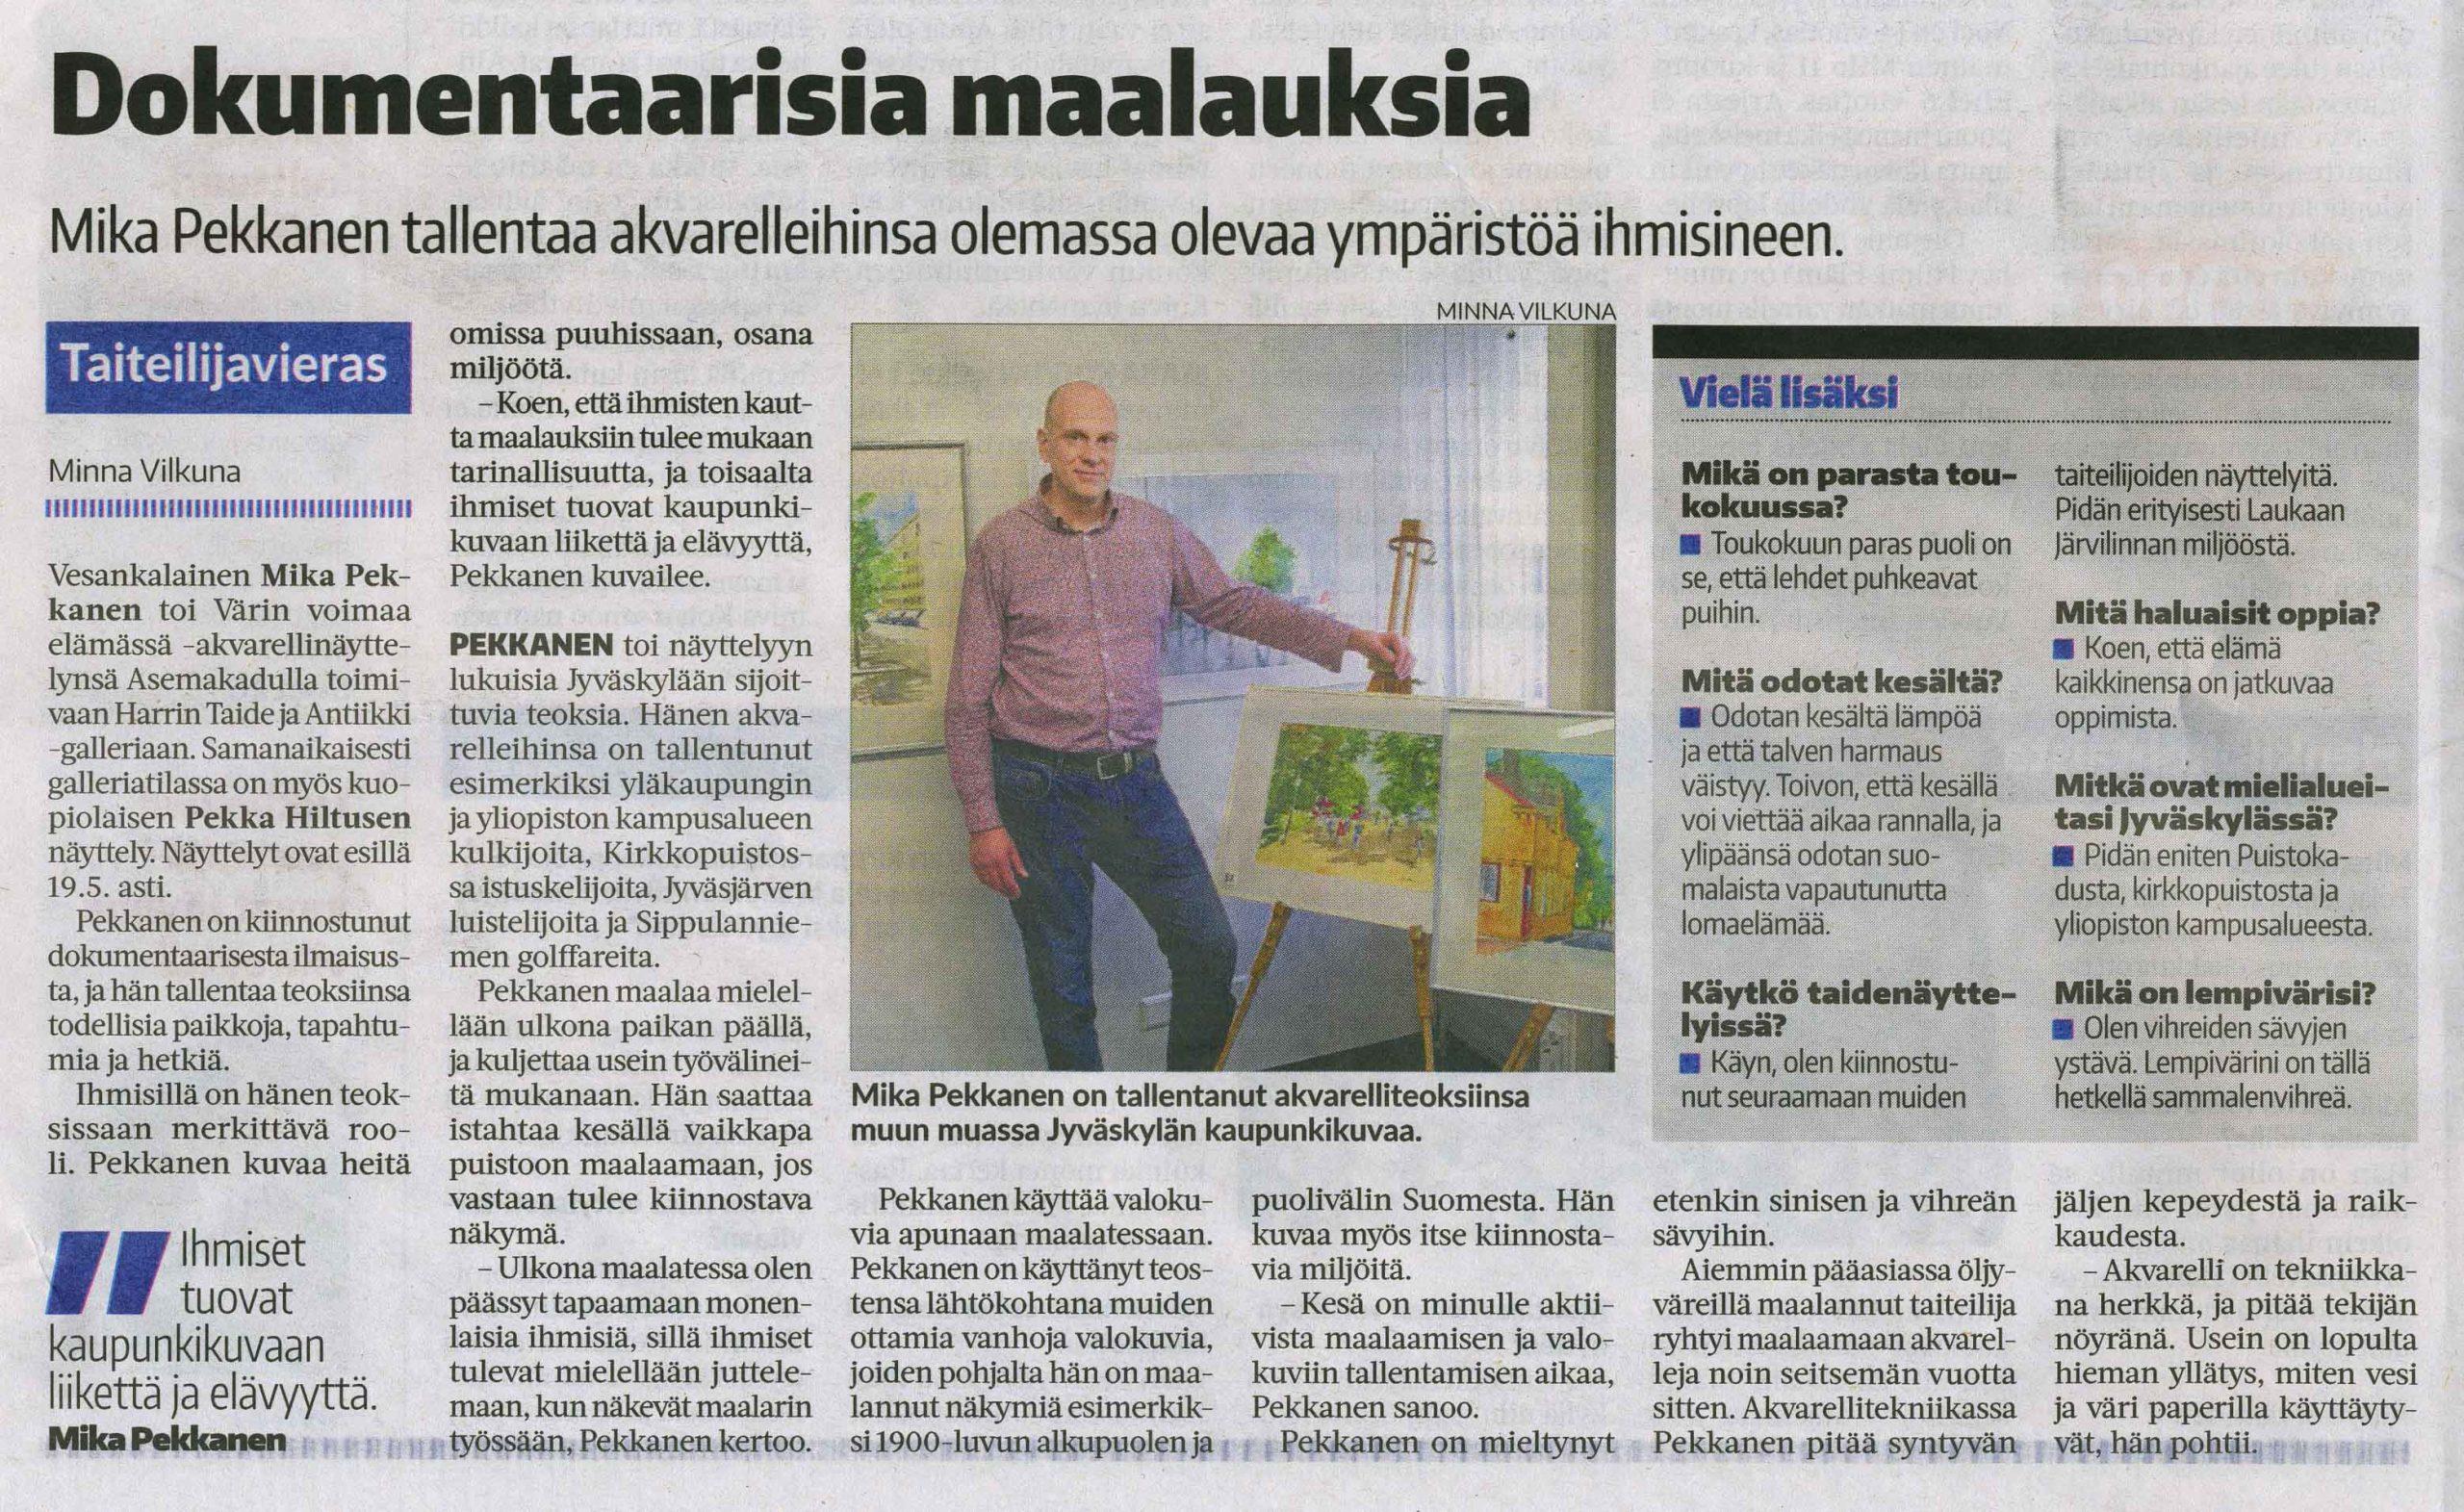 Suur-Jyväskylän lehden taiteilijavieraana 5.5.2021